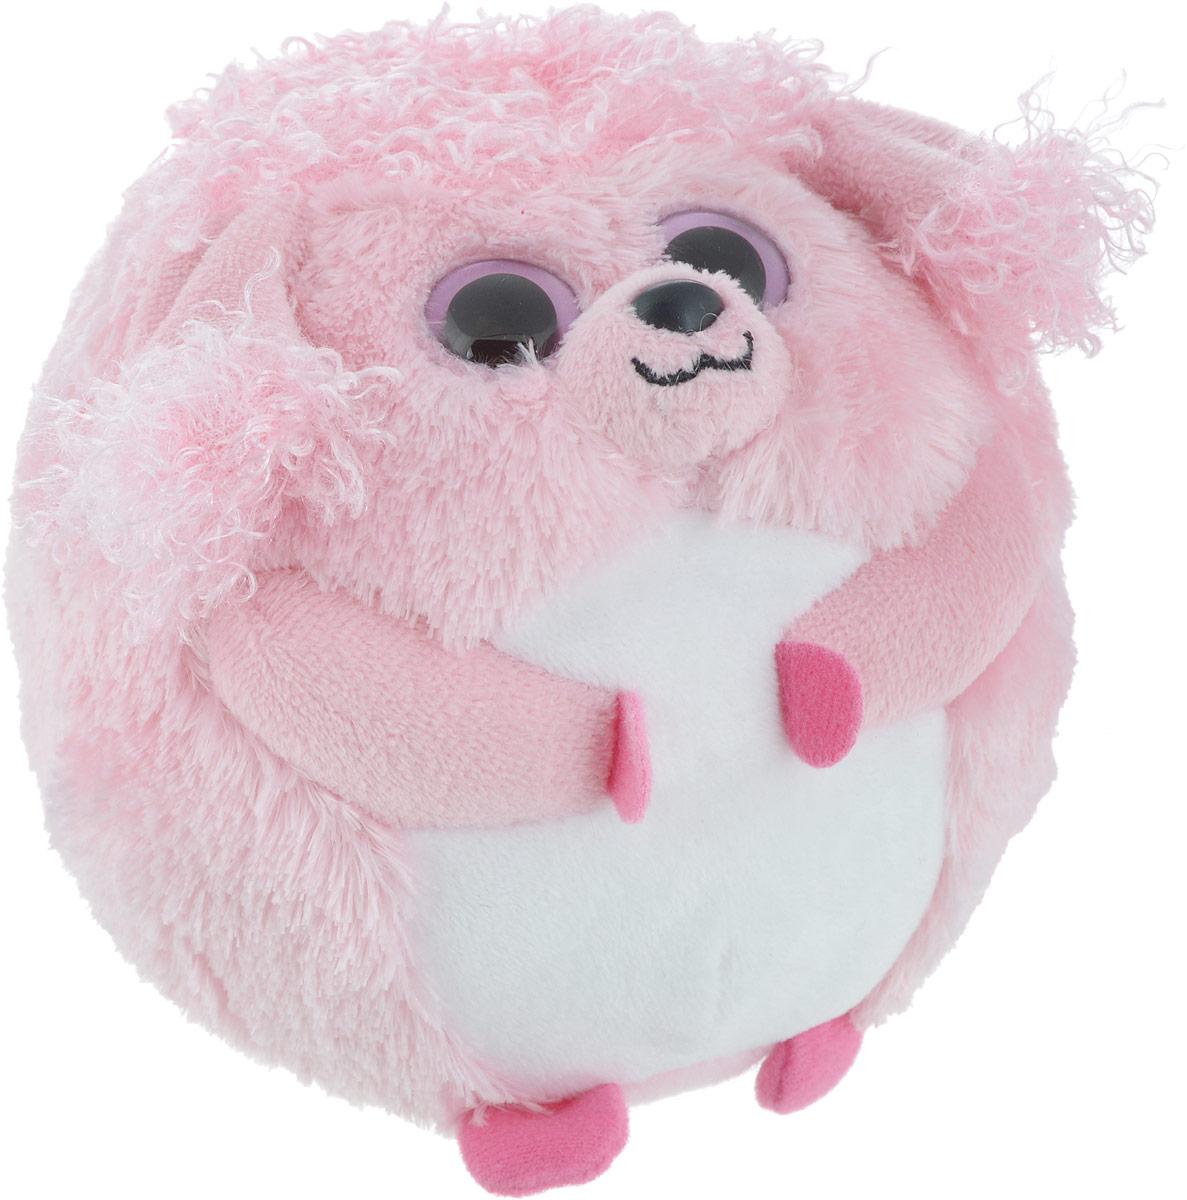 TY Мягкая игрушка Пудель Lovey цвет розовый 10 см